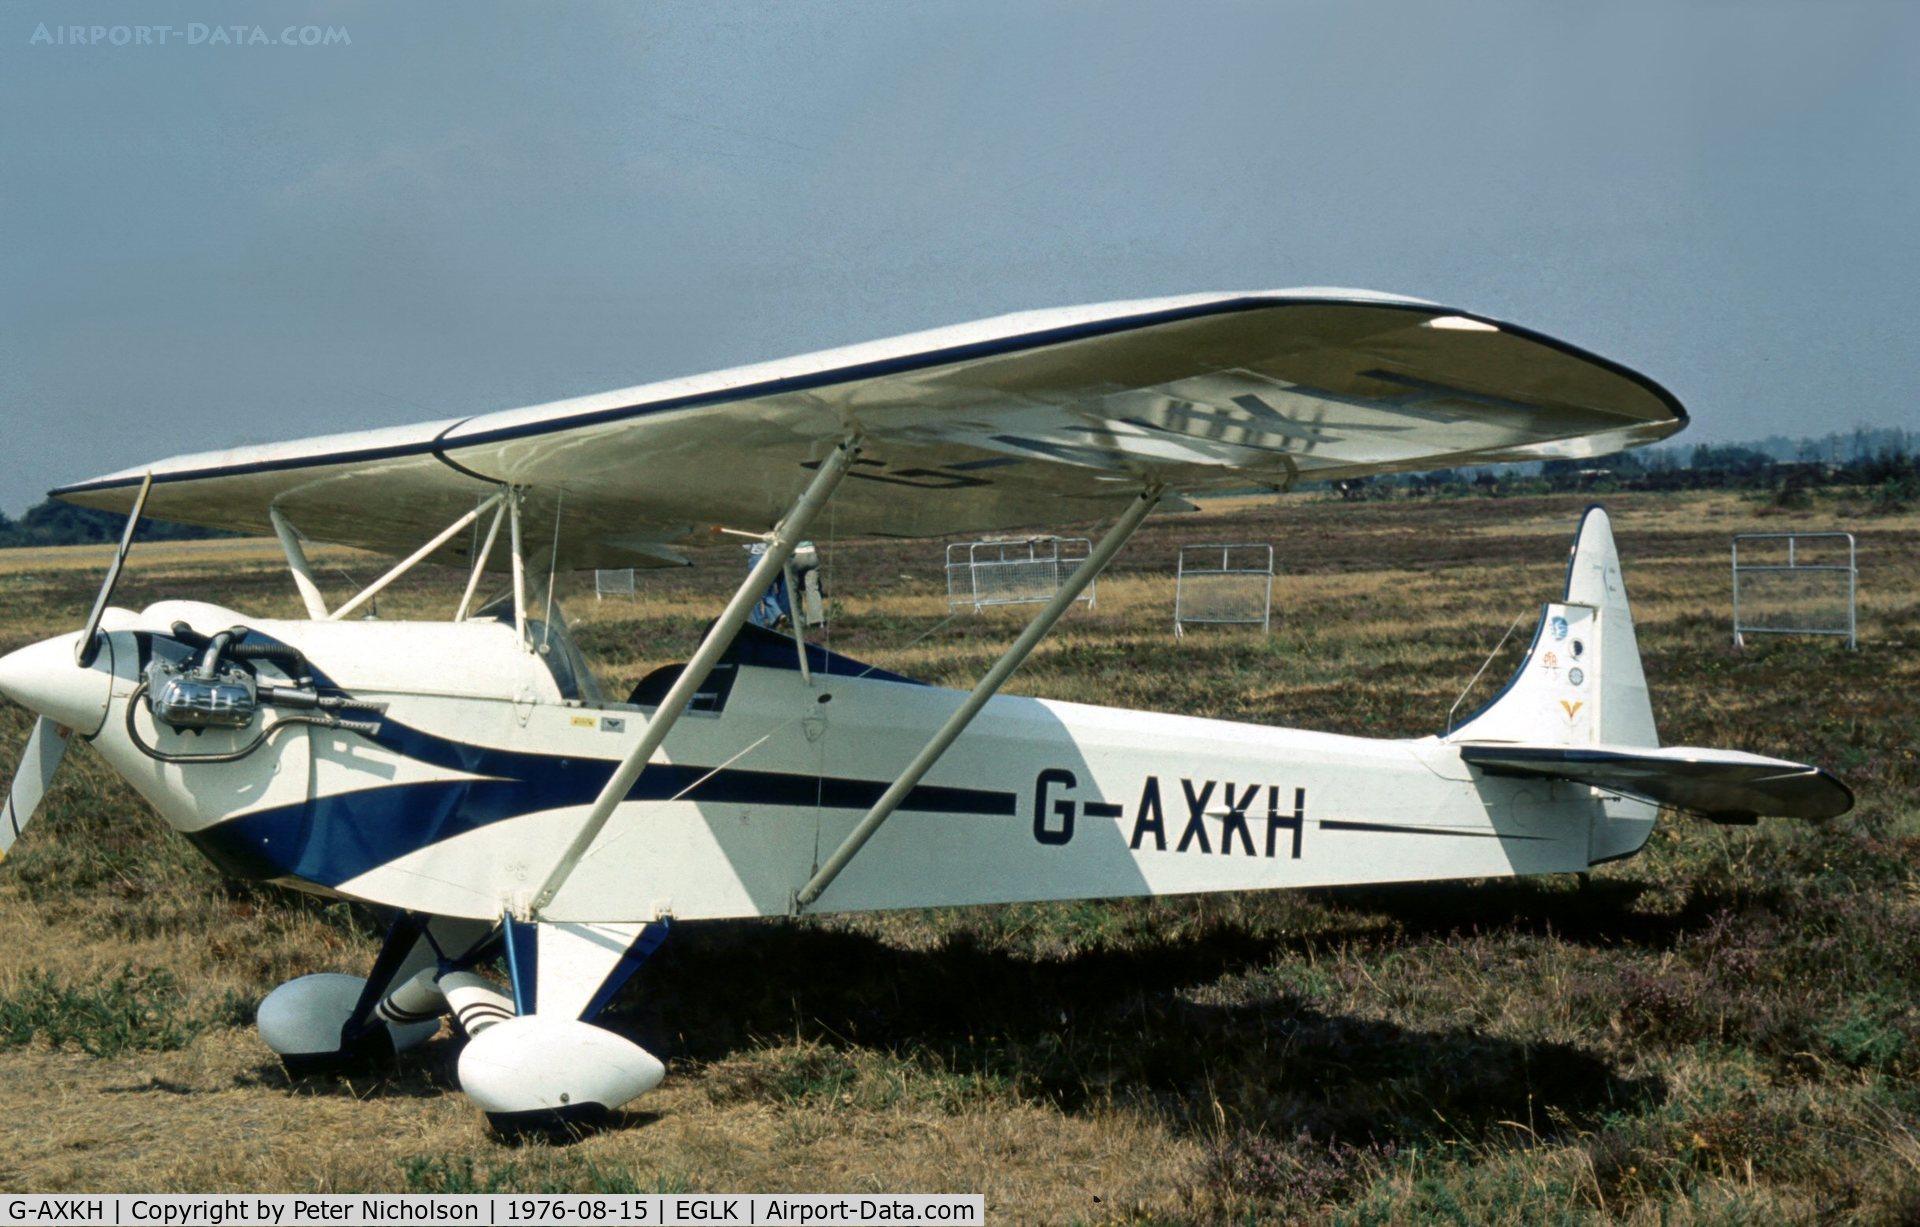 G-AXKH, 1974 Luton LA4A Minor C/N PAL 1316, Luton L.A.4a Minor at the 1976 Blackbushe Fly-In.